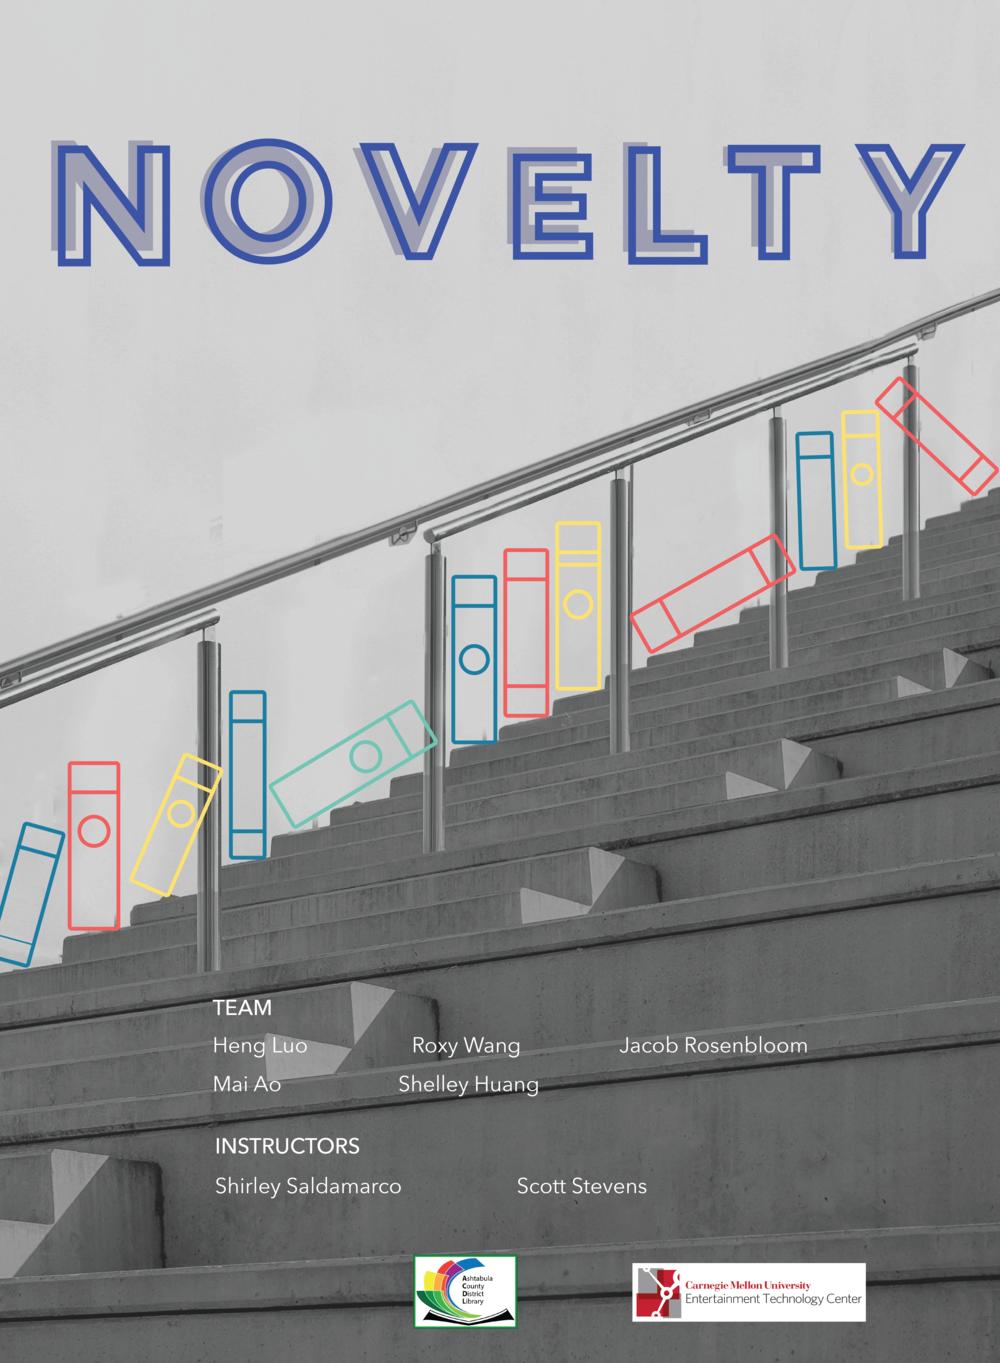 novelty poster v1.png